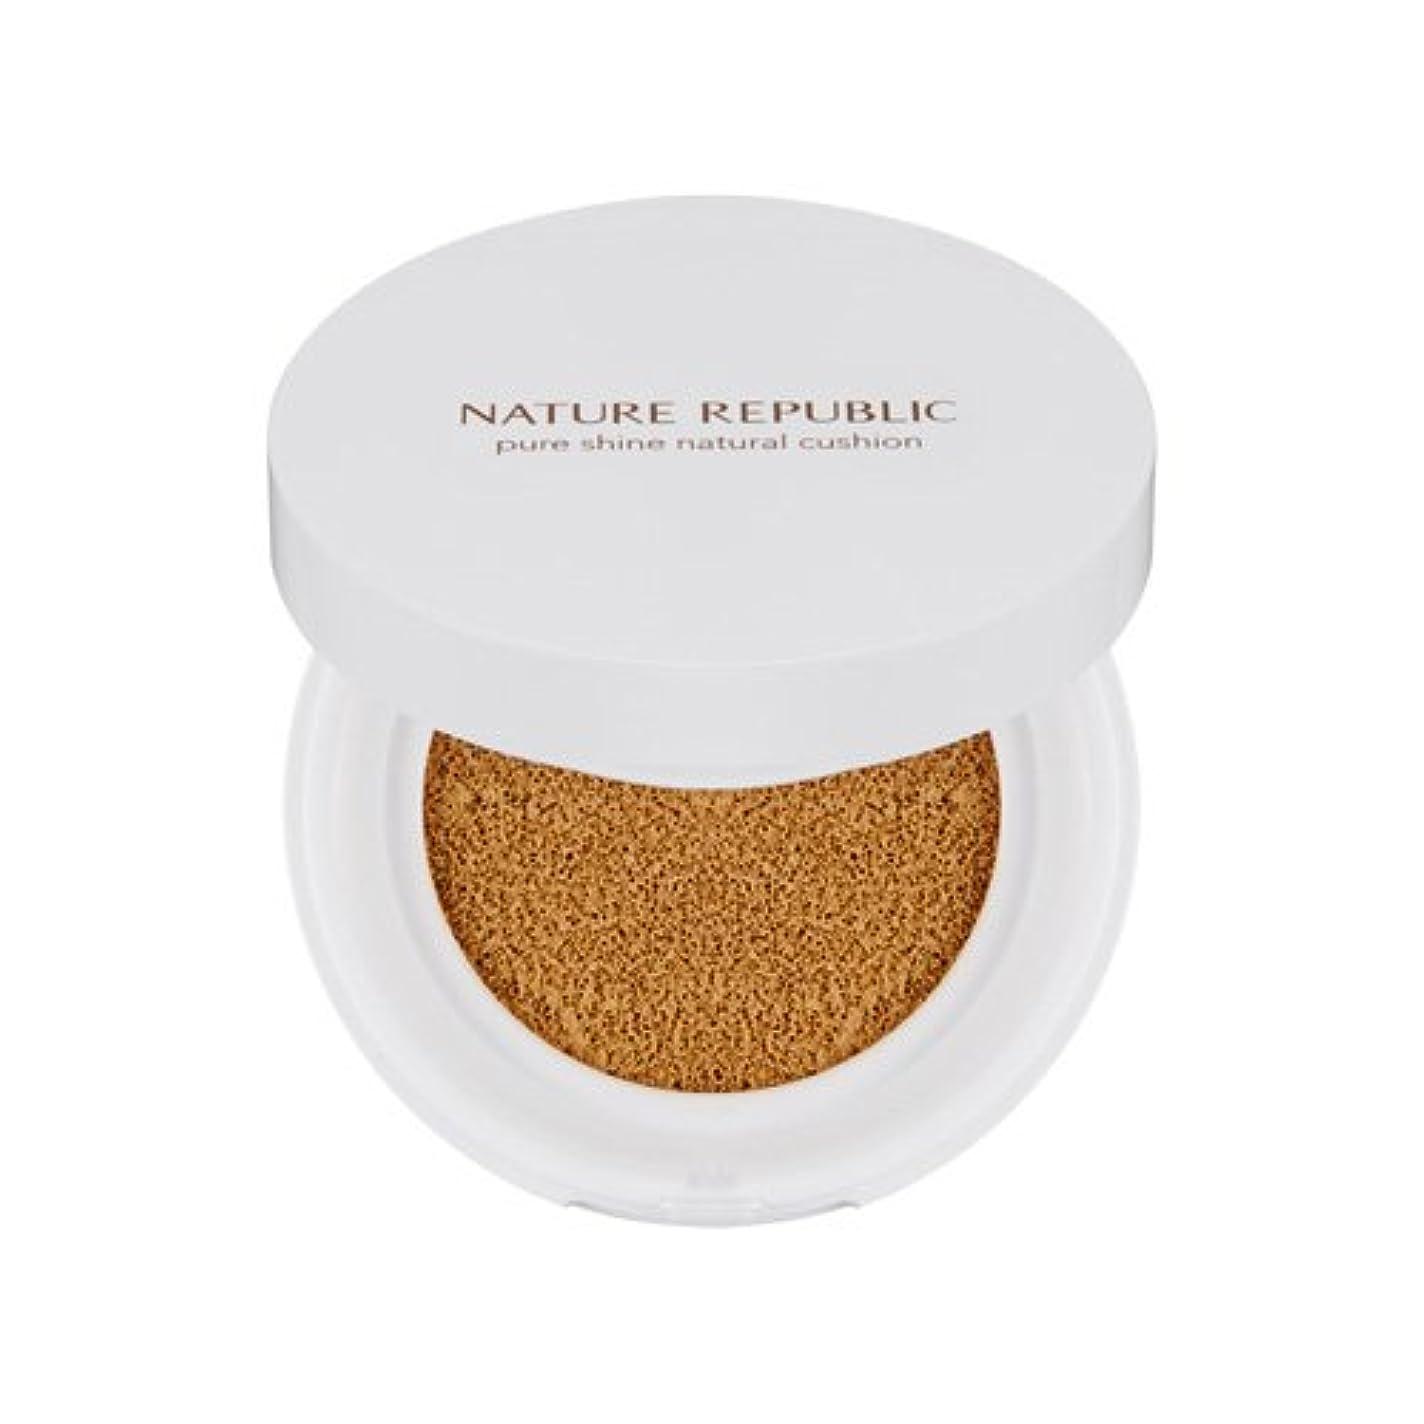 NATURE REPUBLIC Pure Shine Natural Cushion #02 Natural Beige SPF50 + PA +++ ネイチャーリパブリック ピュアシャインナチュラルクッション #02ナチュラルベージュ...